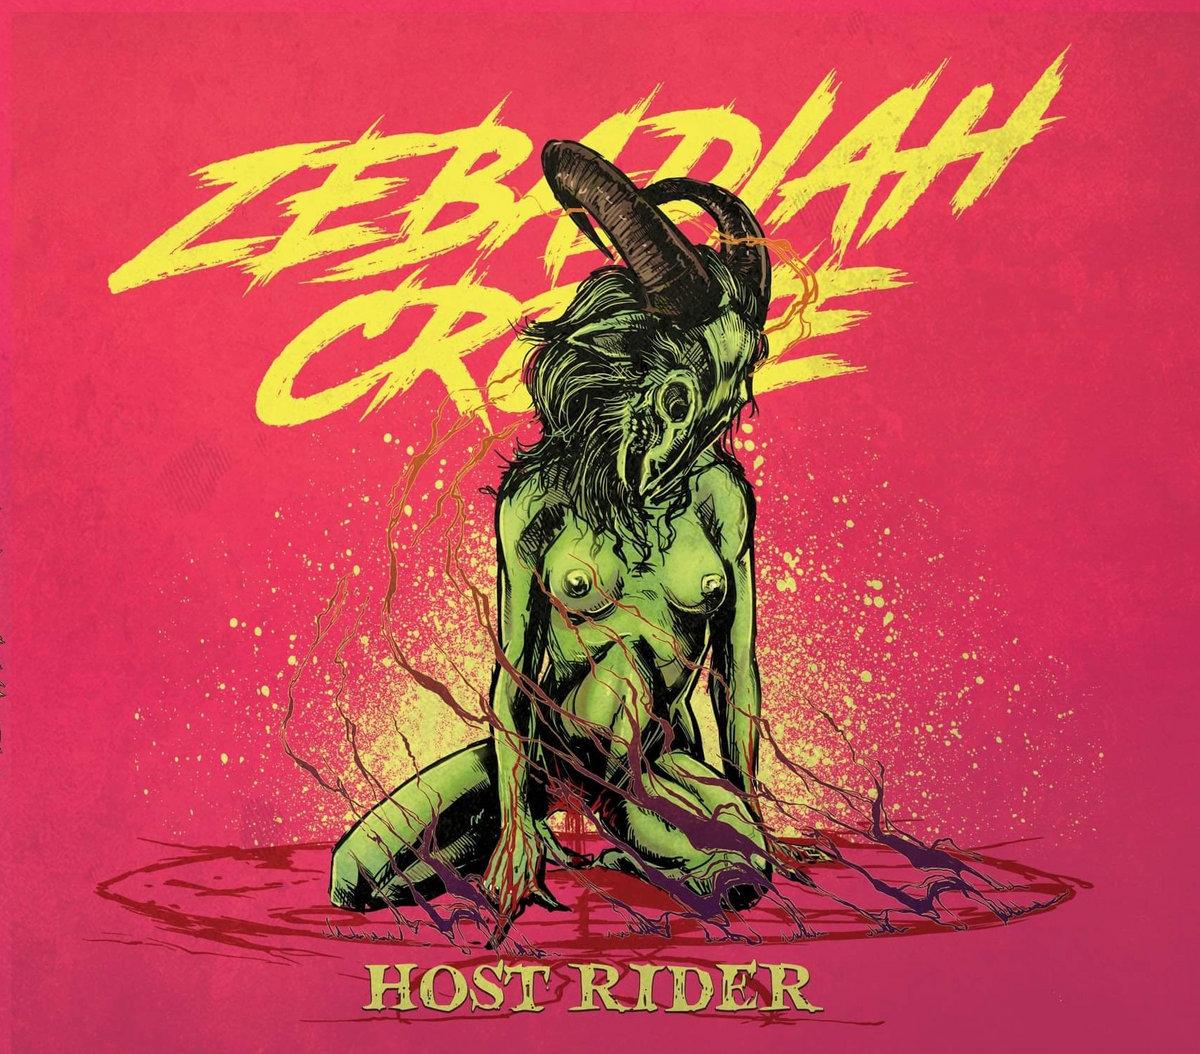 Album Host Rider Zebadiah Crowe Cover Art Artwork 2020 Black Metal UK